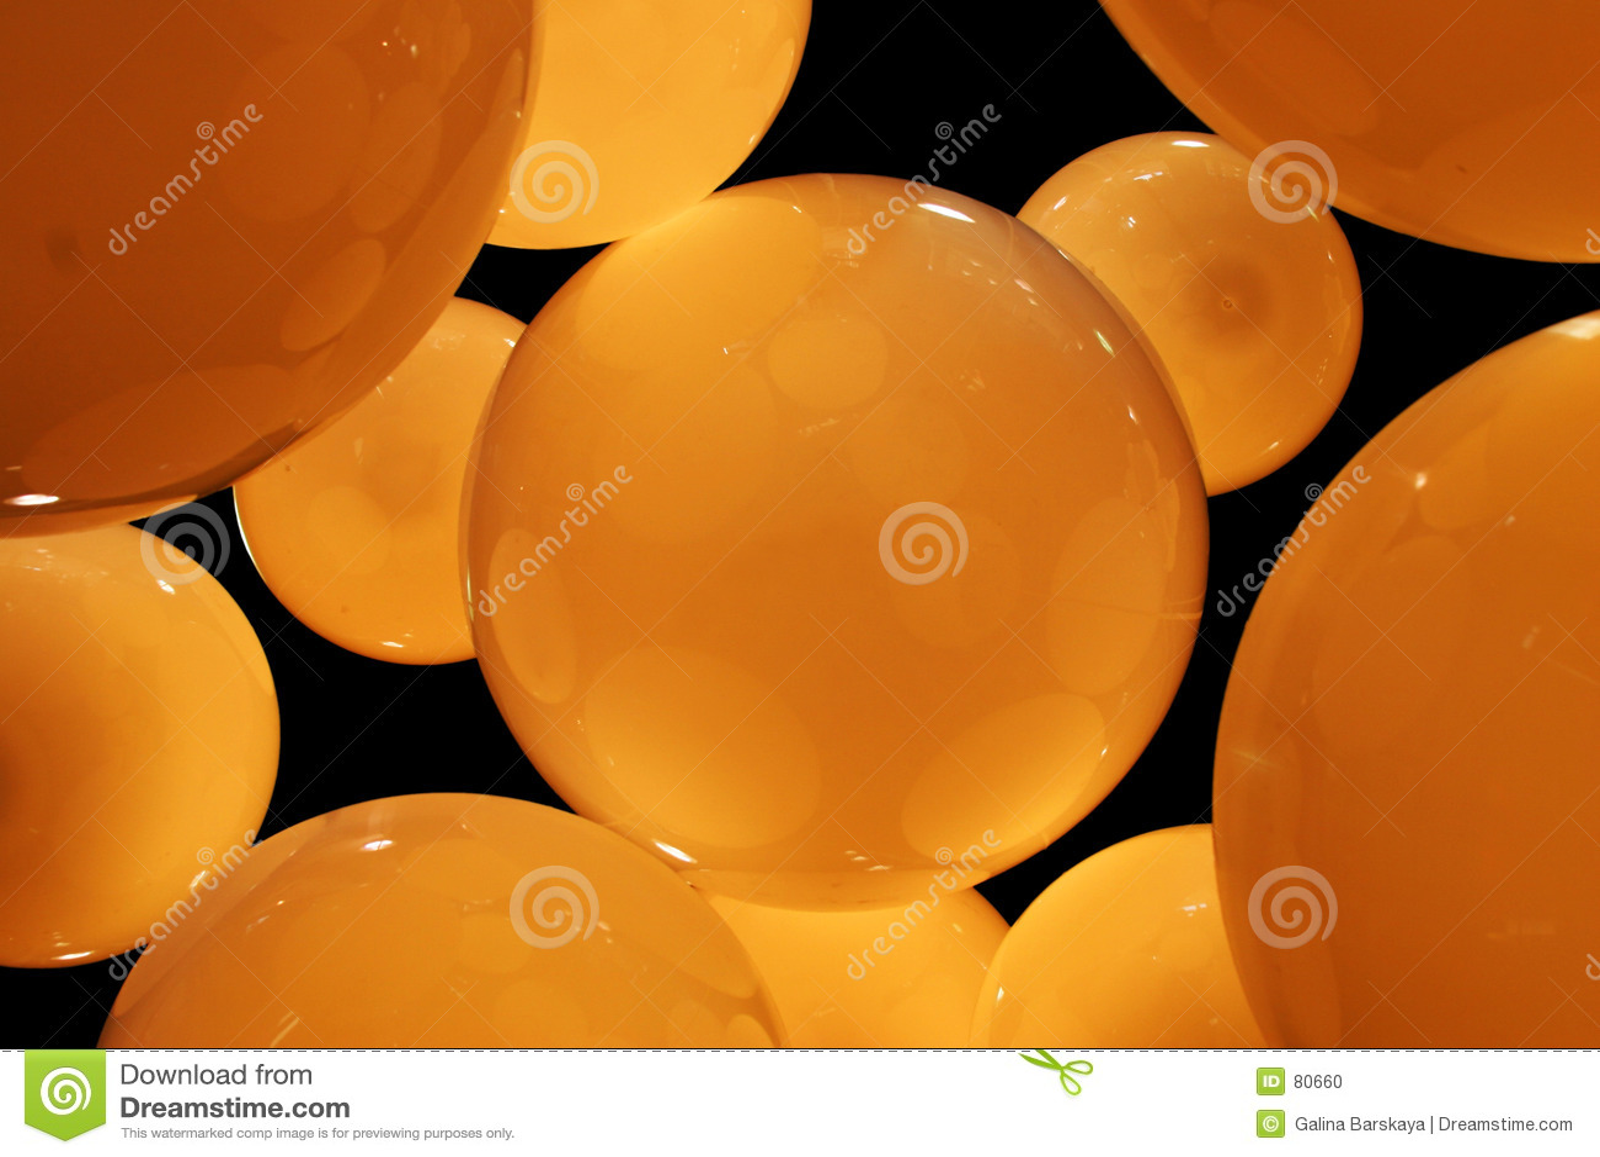 Amber circles